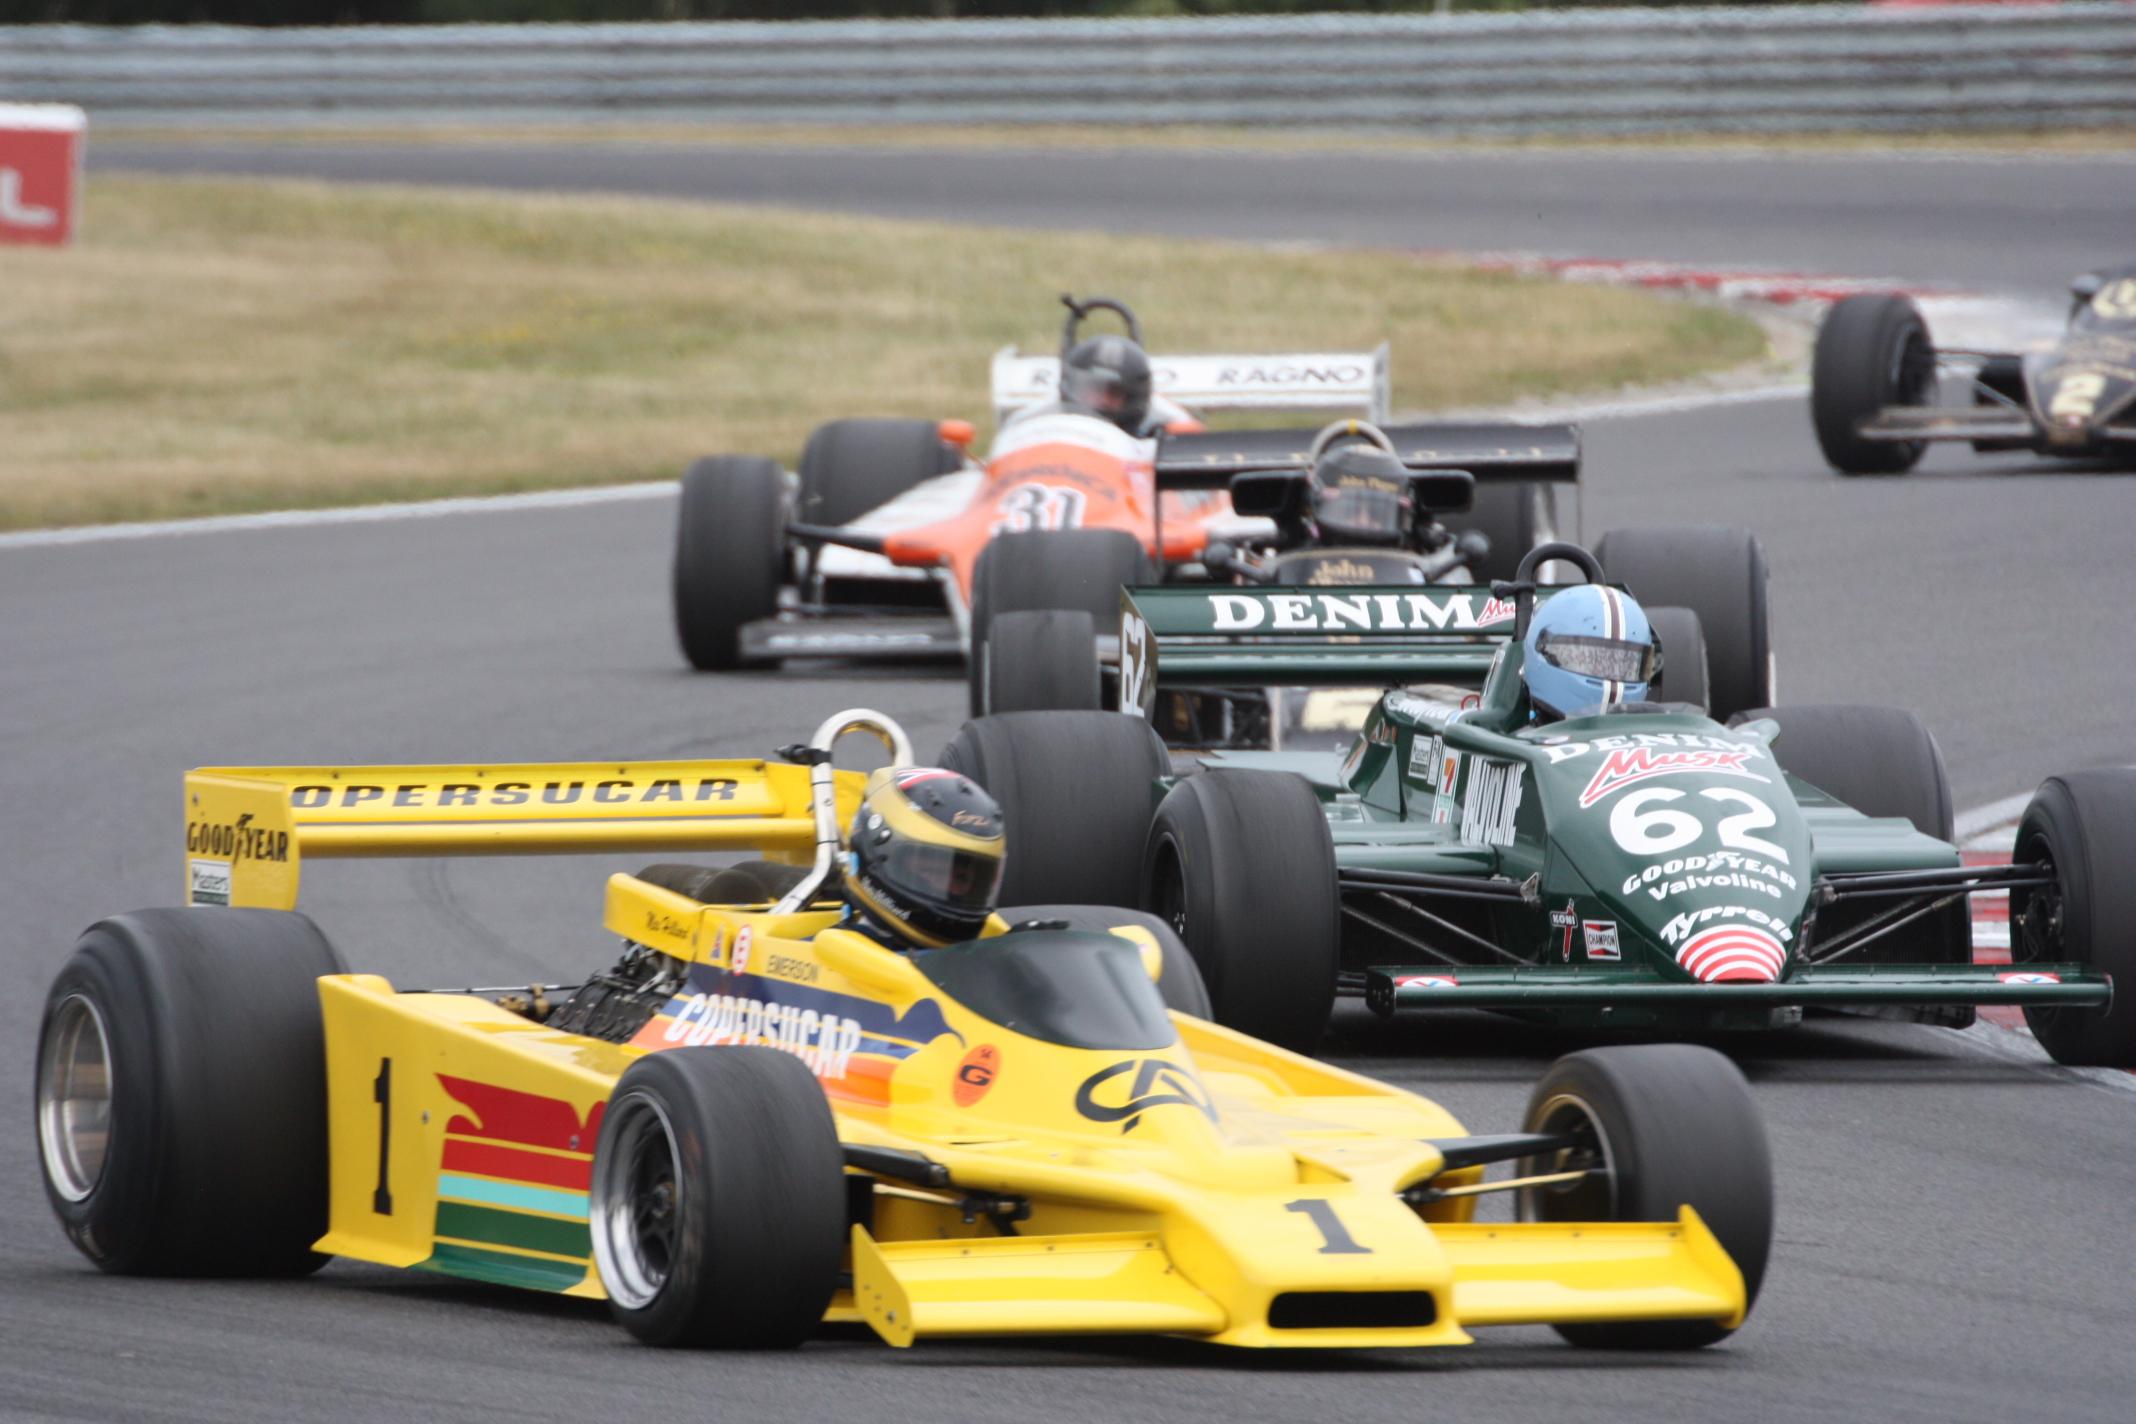 Vrcholem víkendu byl samozřejmě velmi napínavý nedělní závod Formule 1: Zde jede Smith-Hillardův Fittipaldi před Constableovým Tyrrellem a Thorntonovým Lotusem